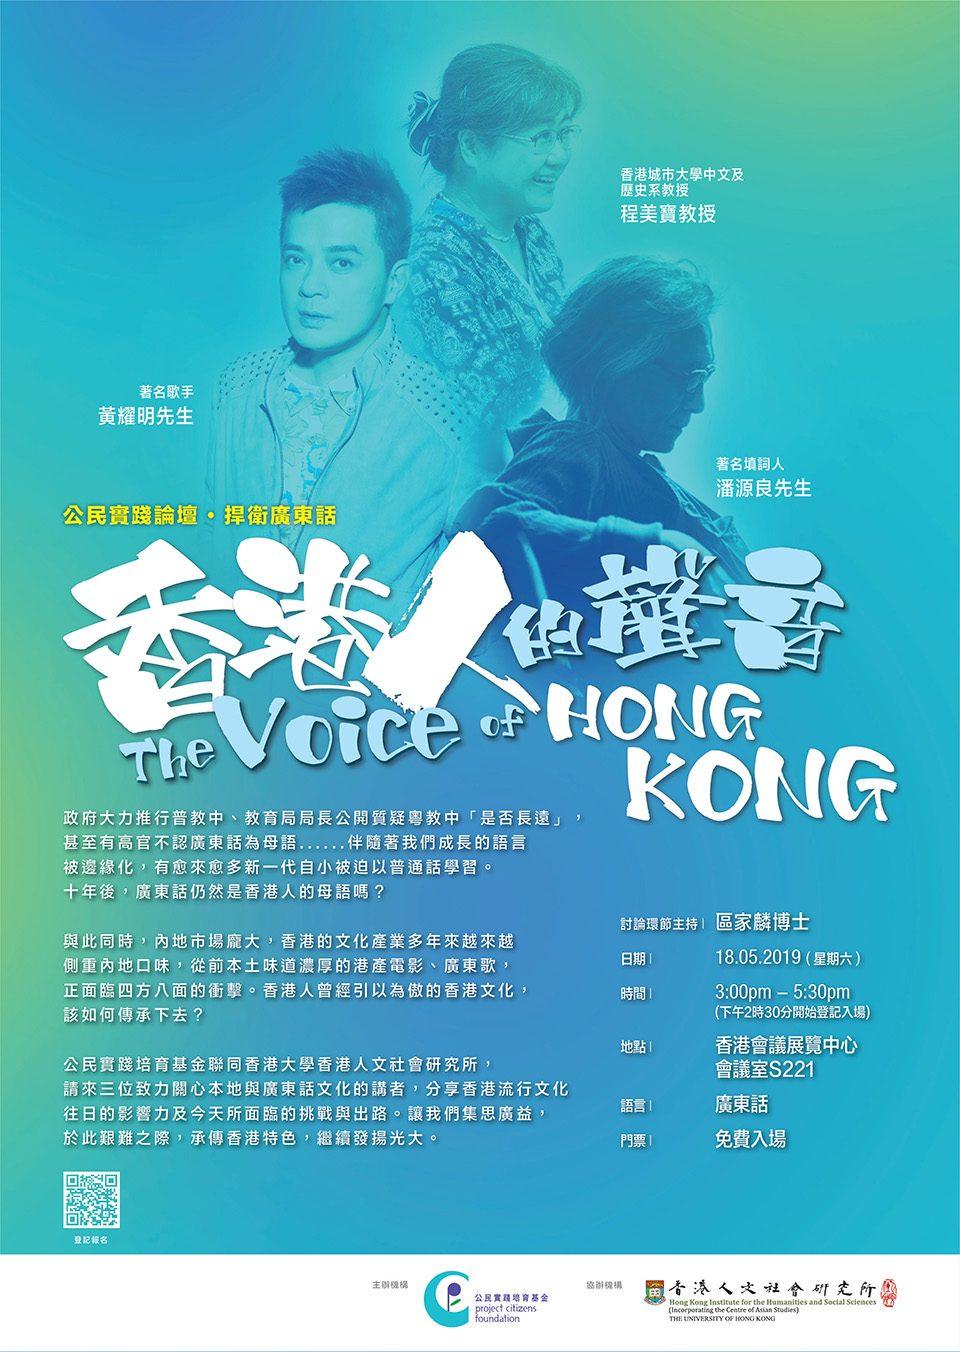 Project Citizens Forum: Project Citizens Forum: The Voice of Hong Kong (May 18, 2019)